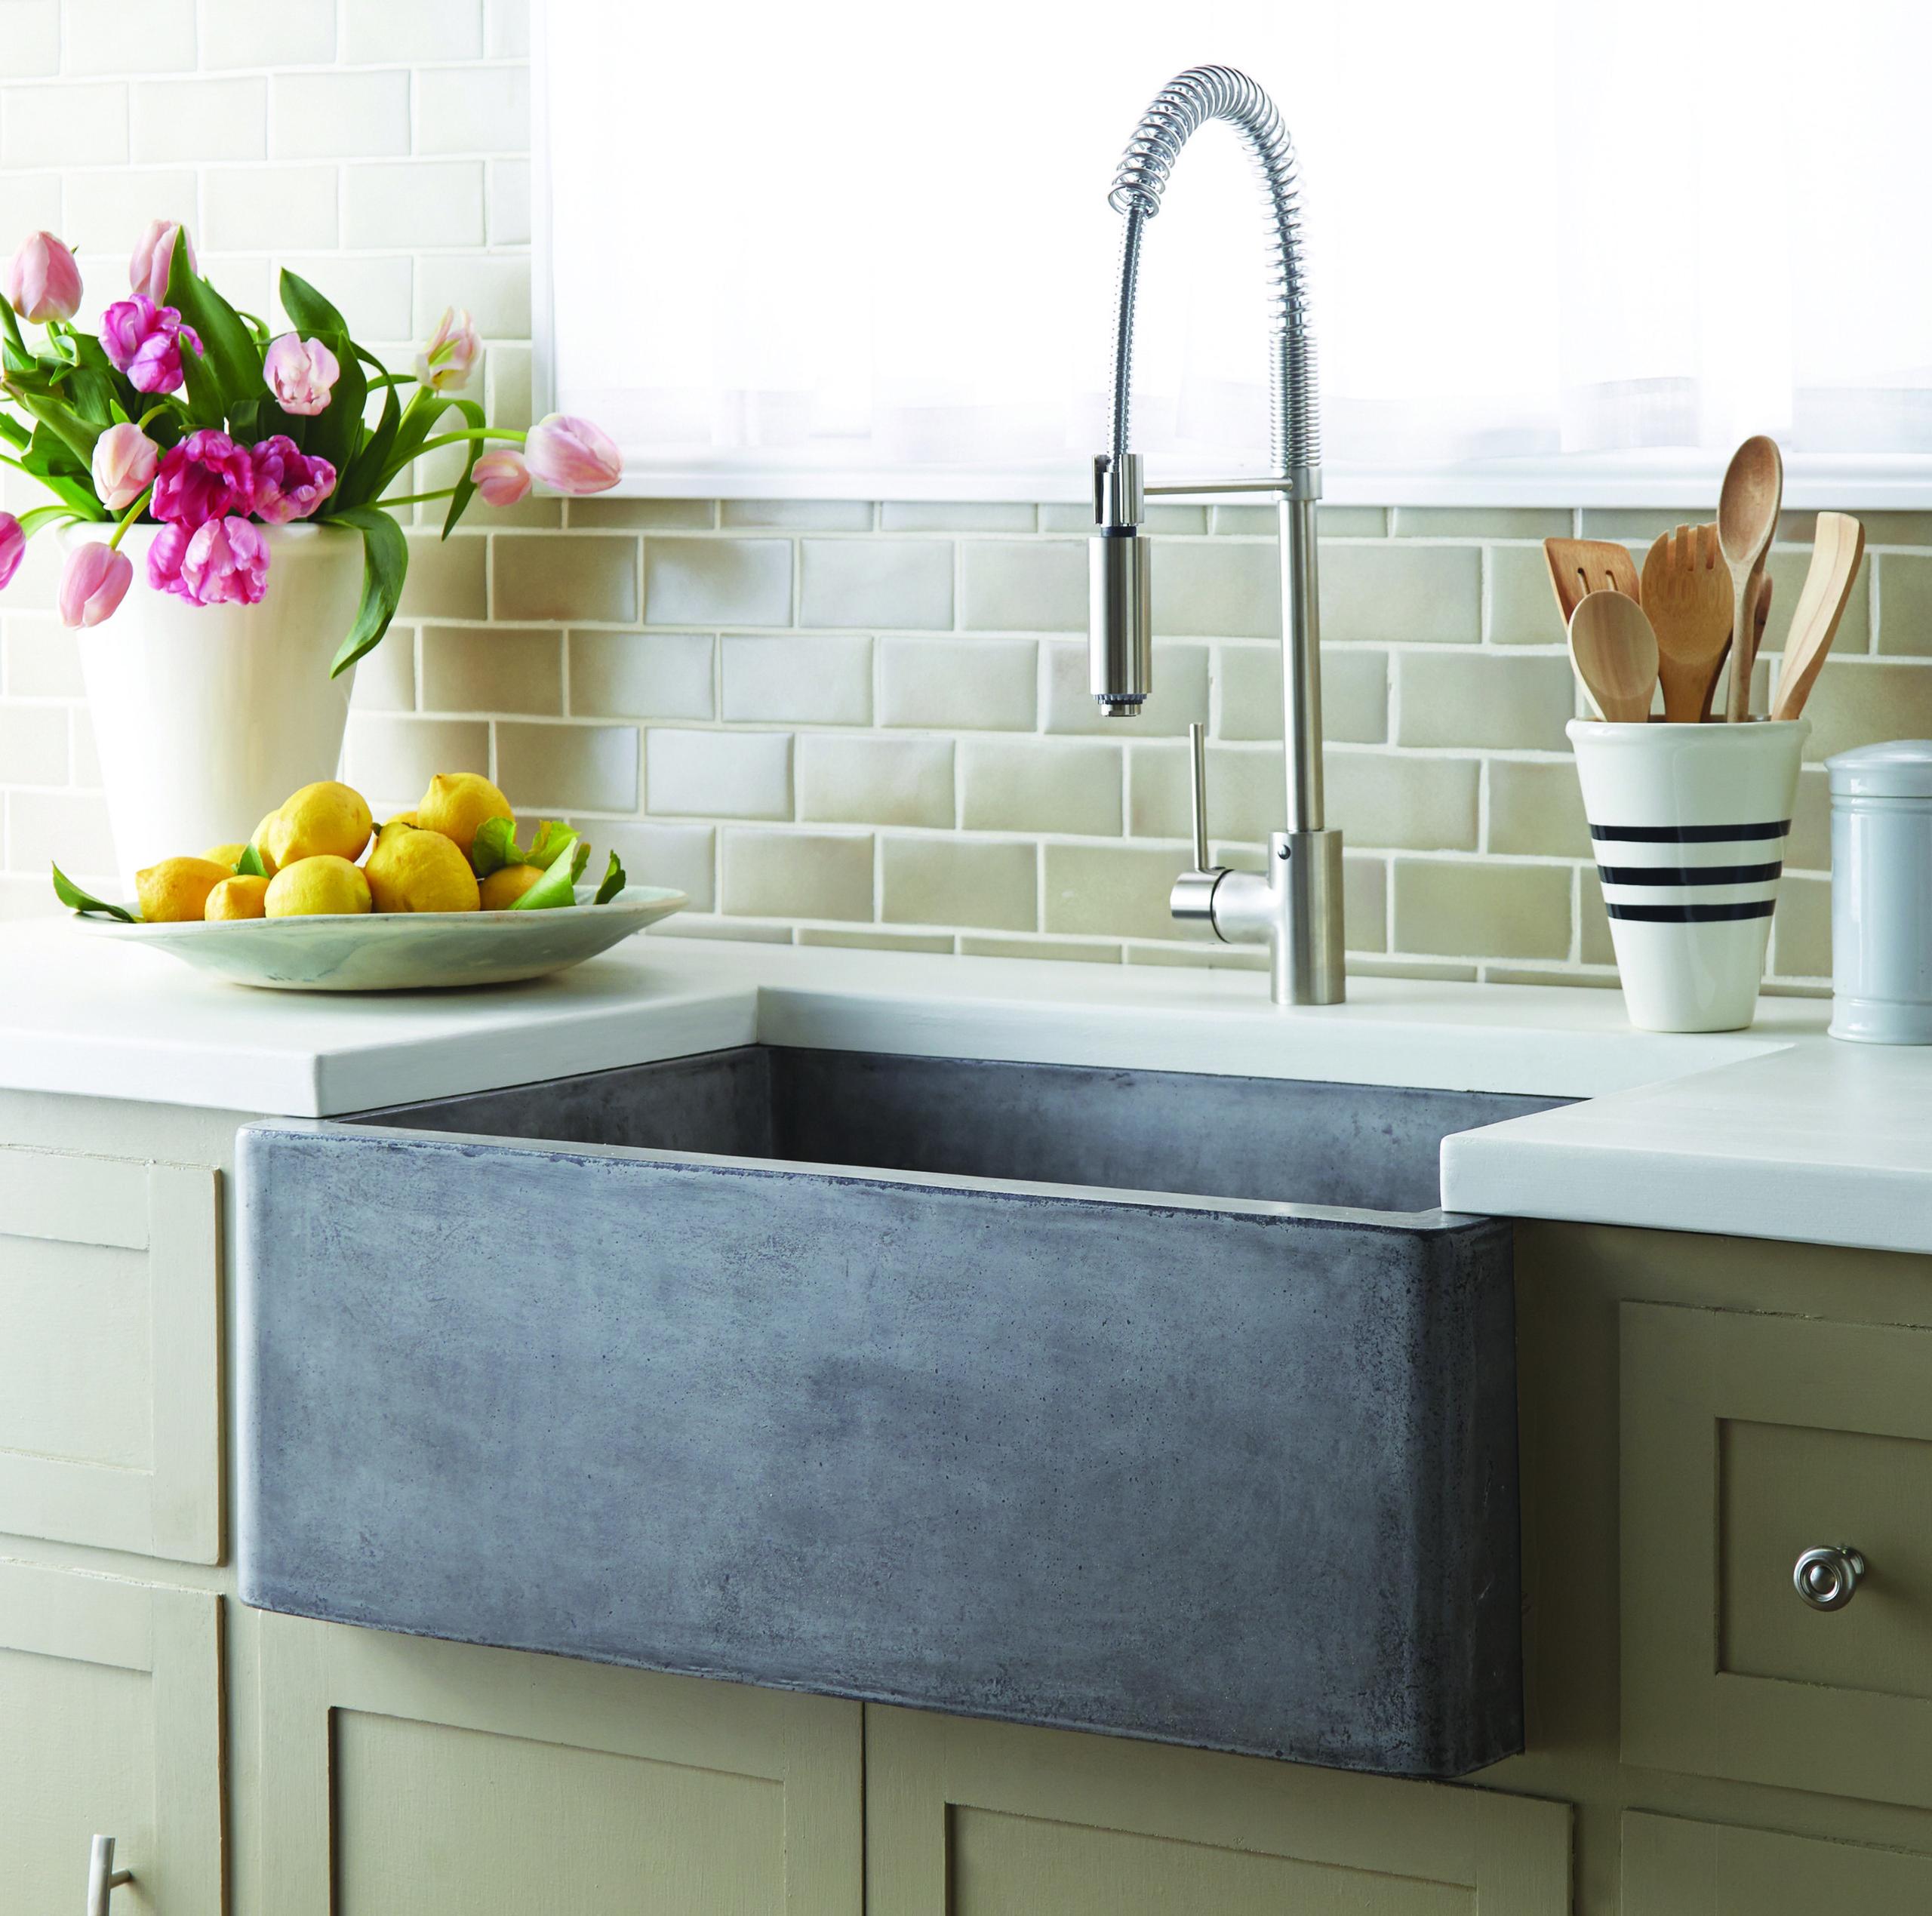 Cheap Farmhouse Kitchen Sinks - Foter